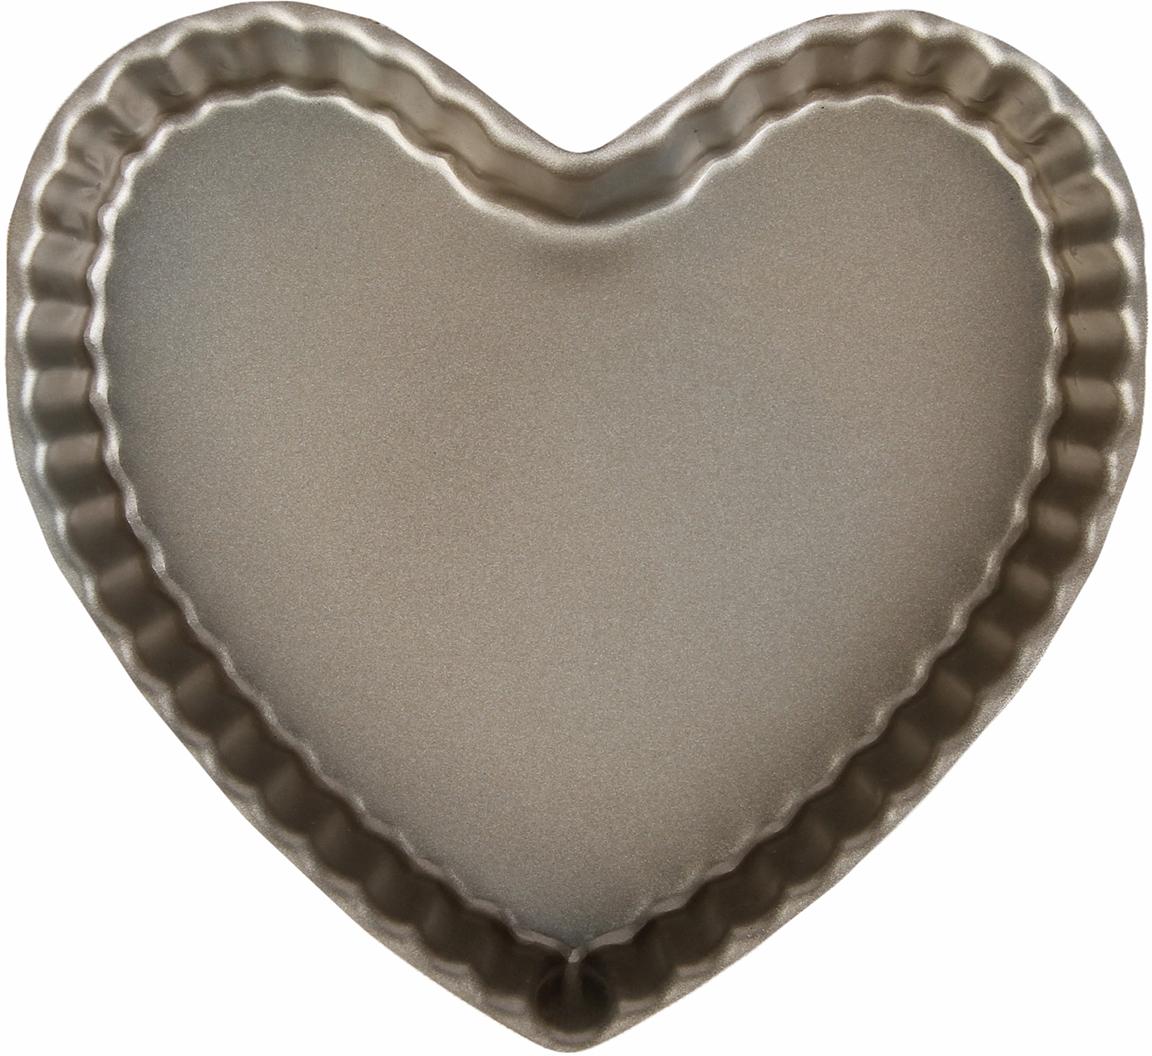 Форма для выпечки Доляна Рифленое сердце, с антипригарным покрытием, 25,5 х 4 см2601005От качества посуды зависит не только вкус еды, но и здоровье человека. Форма для выпечки 25,5х4 см Рифленое сердце, антипригарное покрытие — товар, соответствующий российским стандартам качества. Любой хозяйке будет приятно держать его в руках. С нашей посудой и кухонной утварью приготовление еды и сервировка стола превратятся в настоящий праздник.